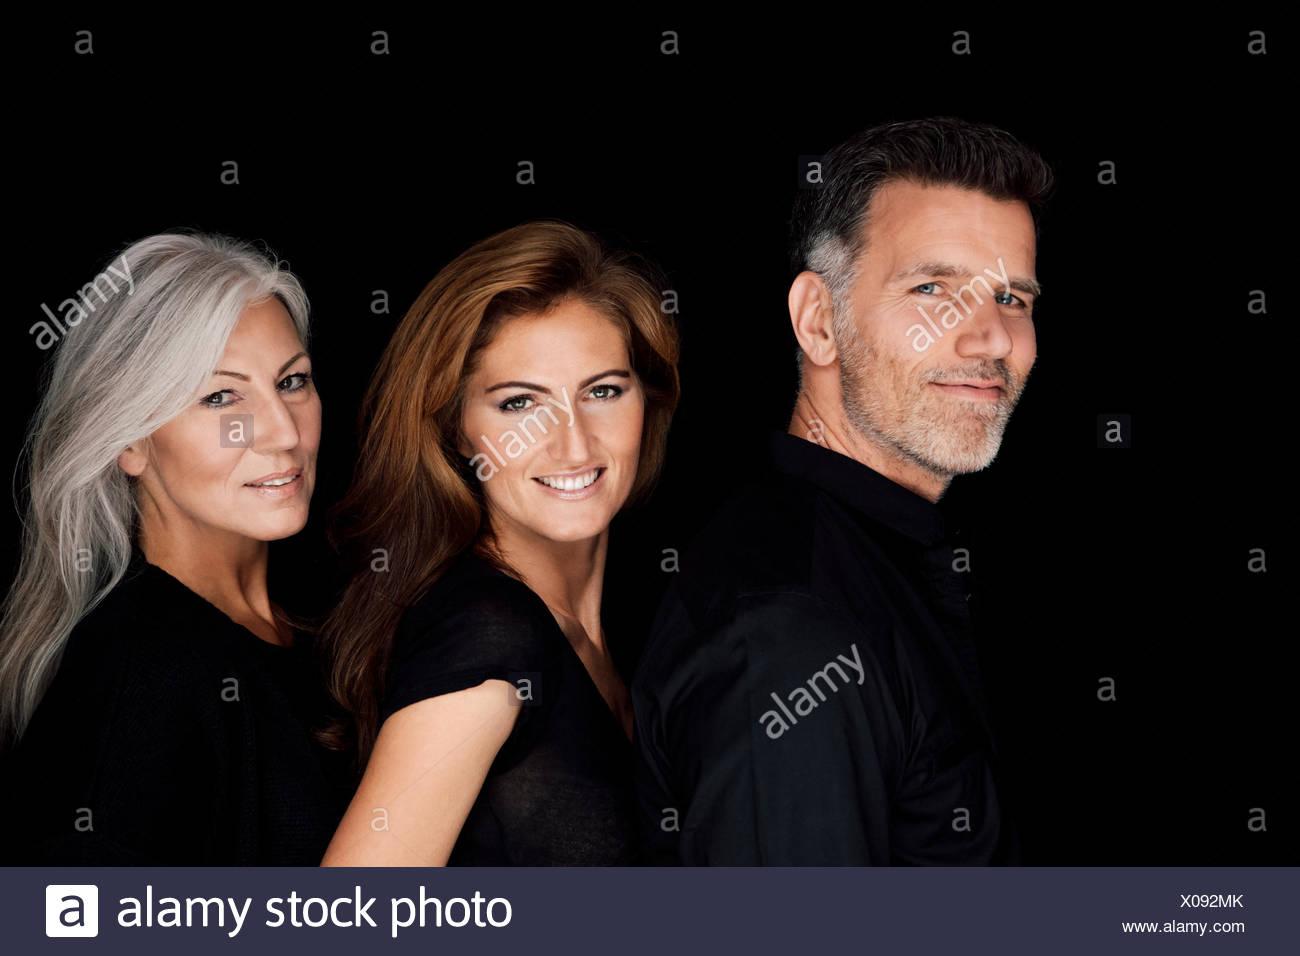 Portrait de trois personnes dans une rangée en face de fond noir Photo Stock